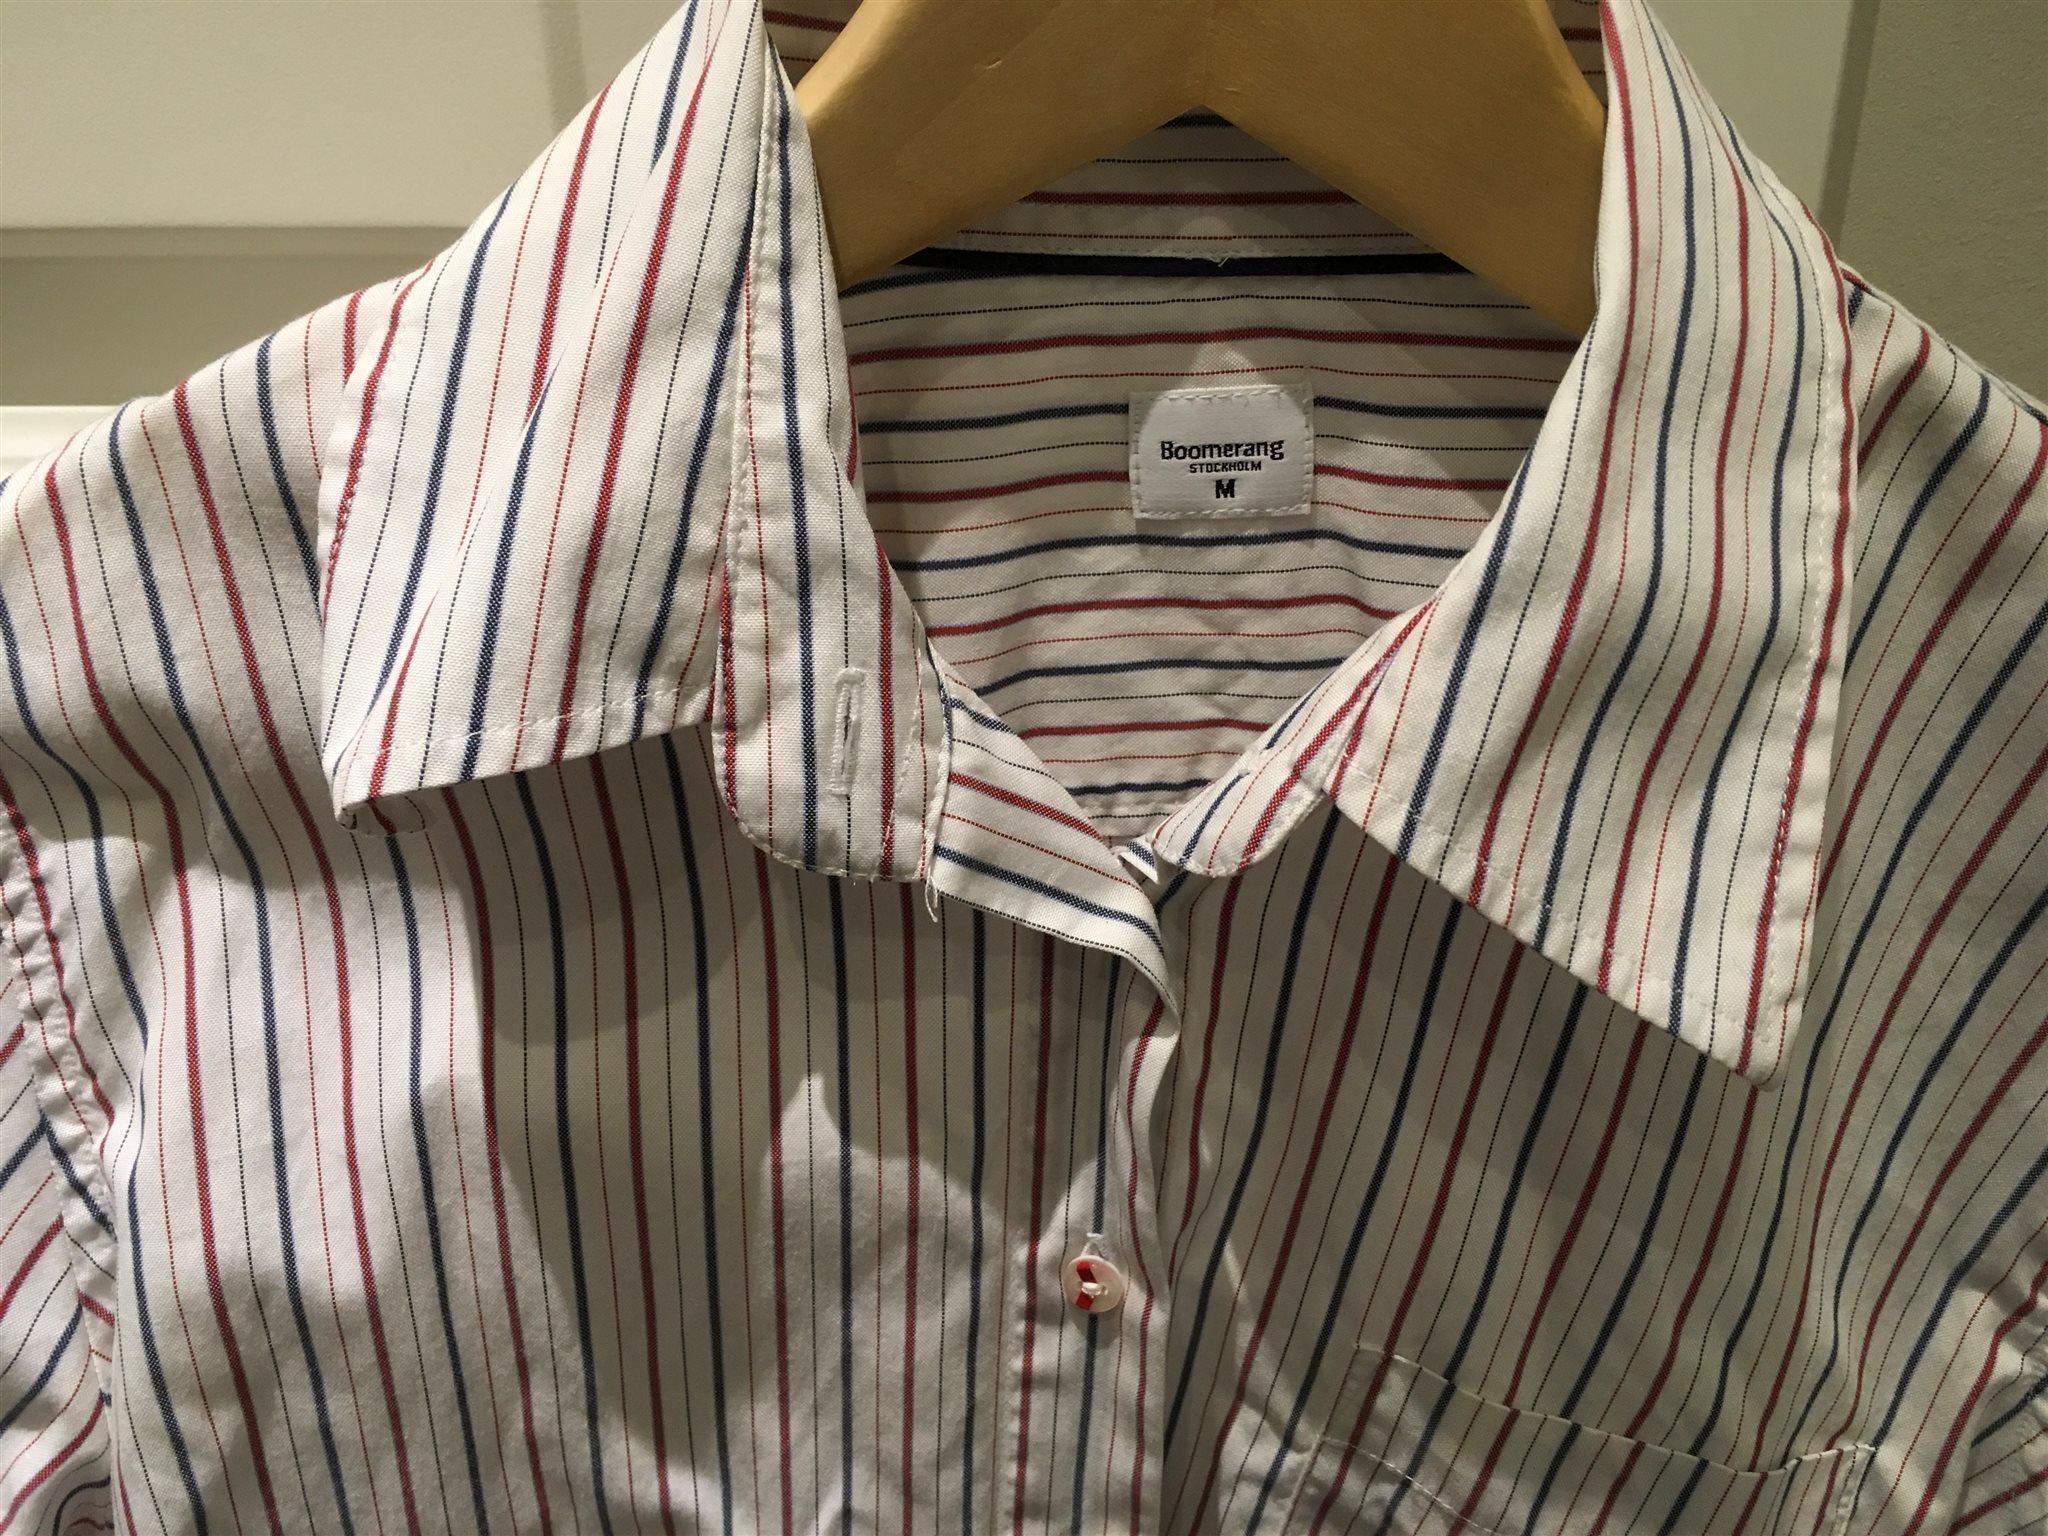 Boomerang stl M skjorta fint skick 100% bomull .. (335238282) ᐈ Köp ... 1b08083193f69